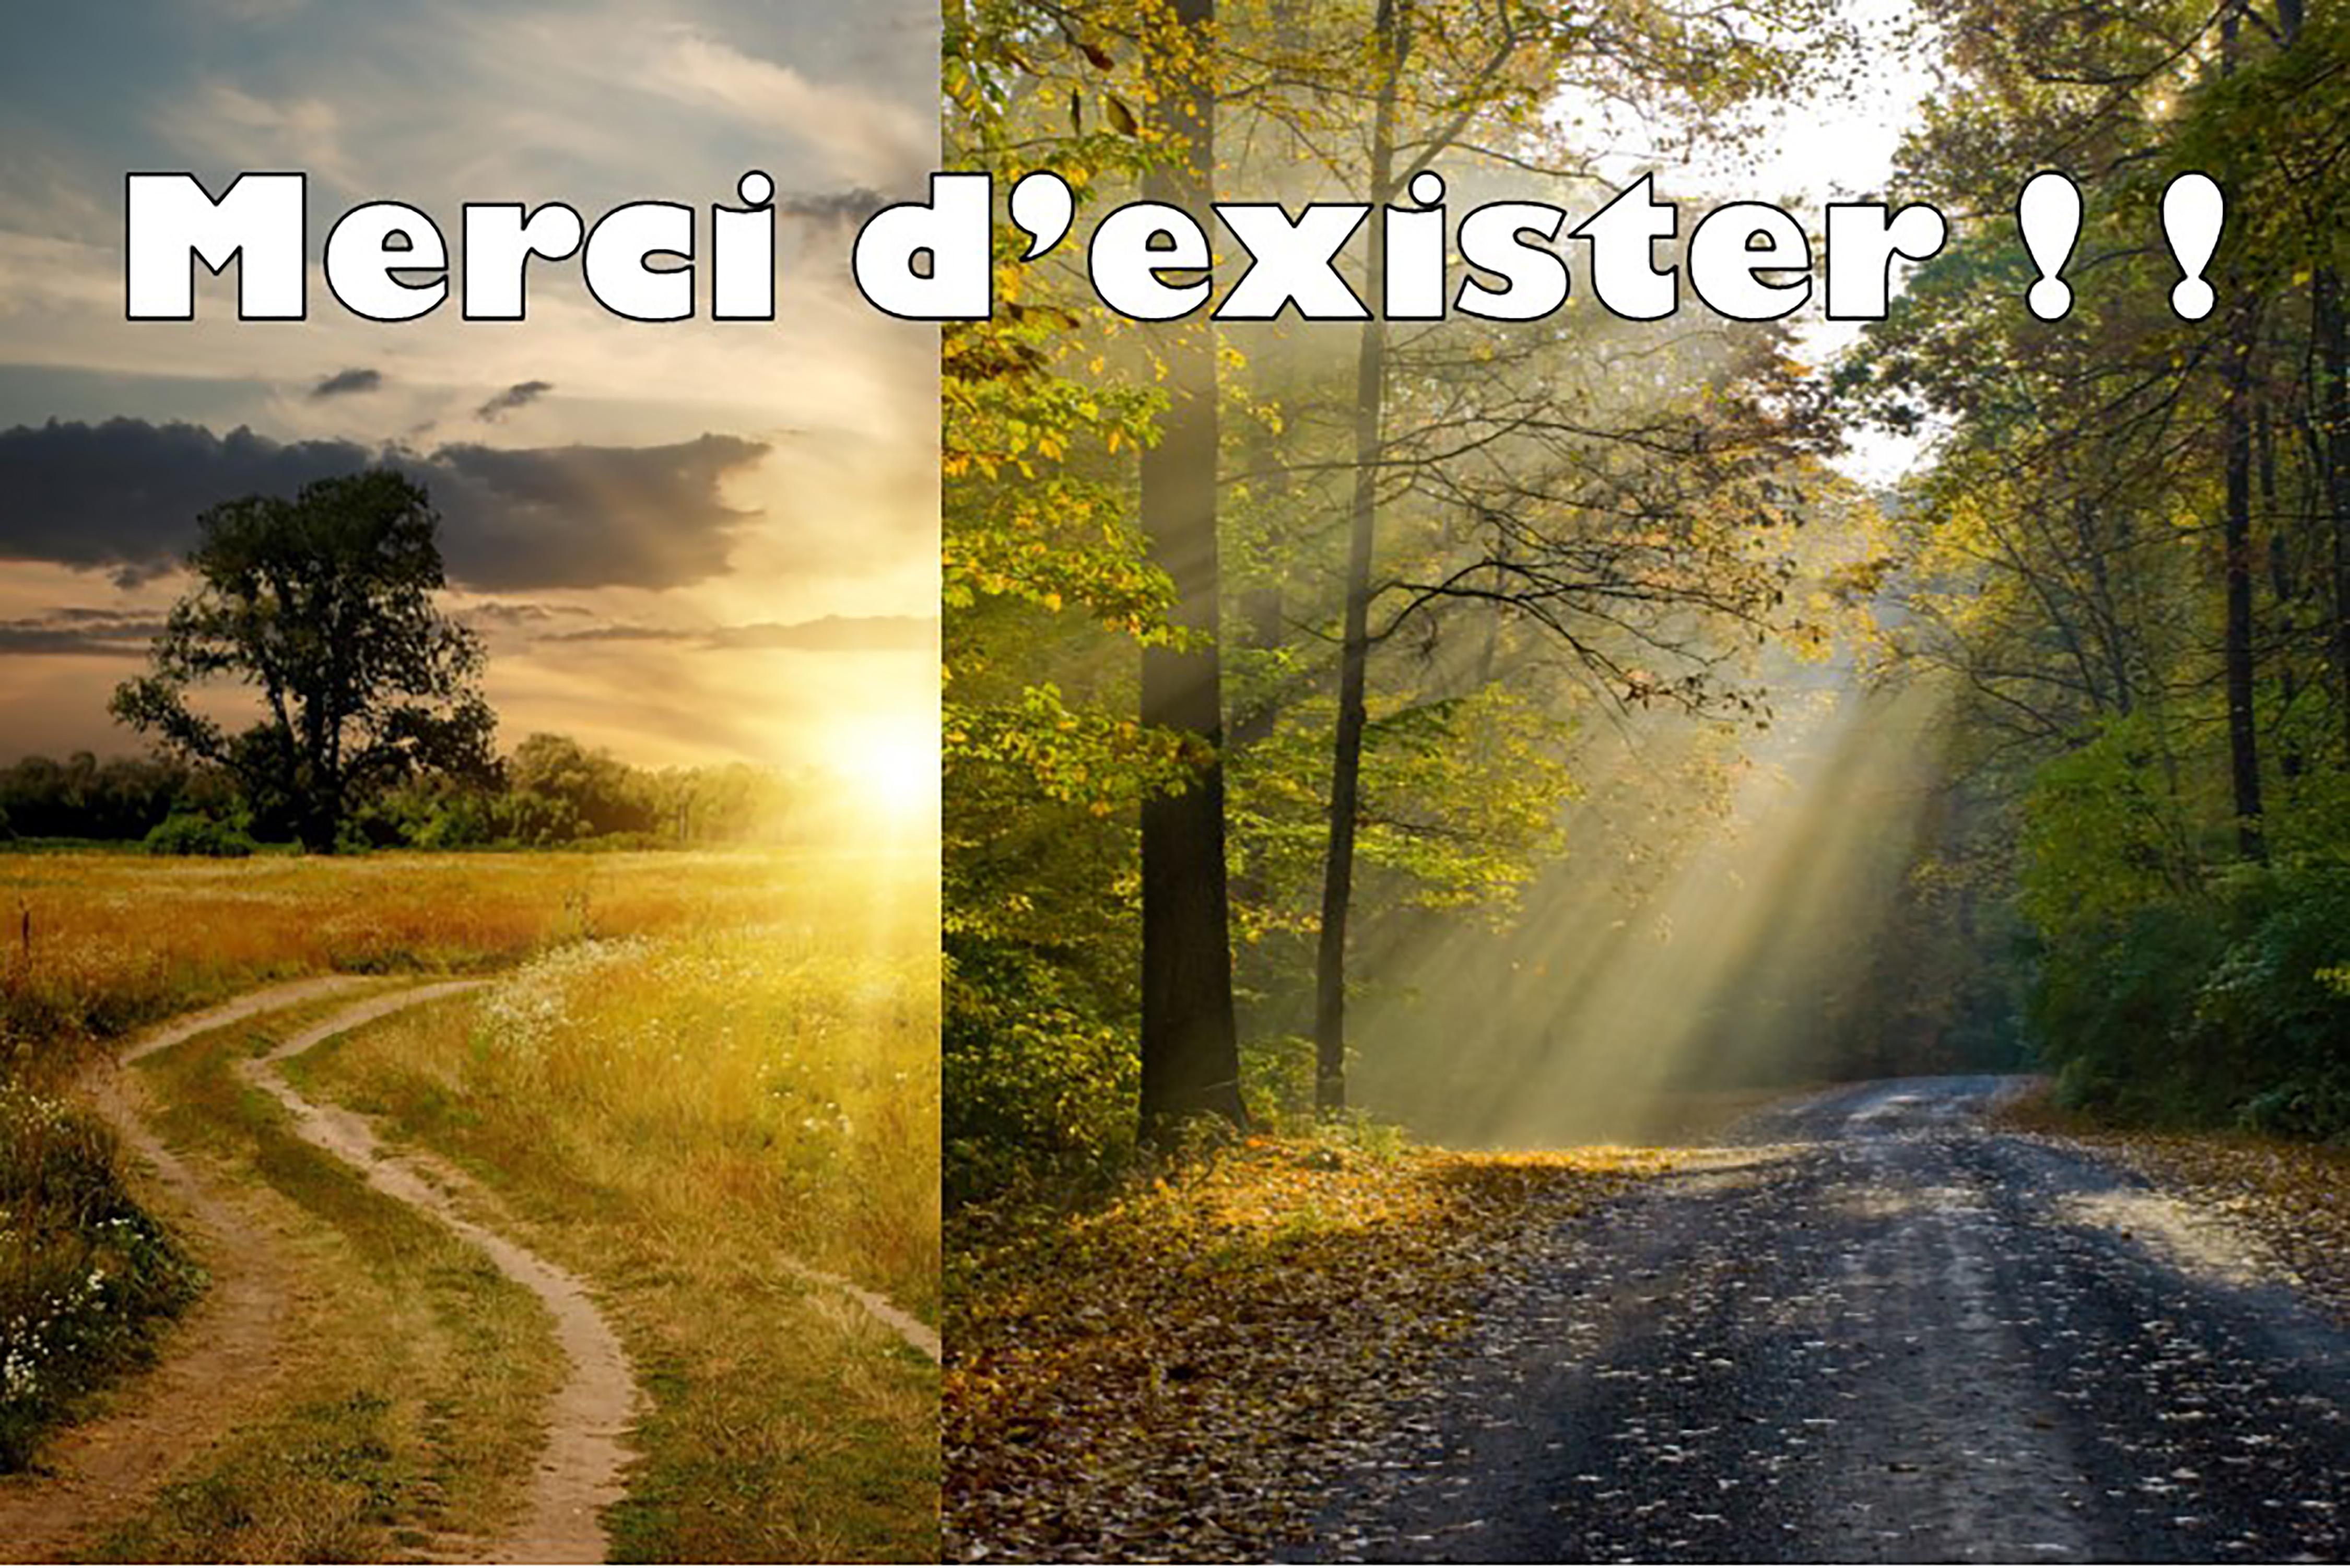 Prédication du 17 Décembre 2017: MERCI D'EXISTER